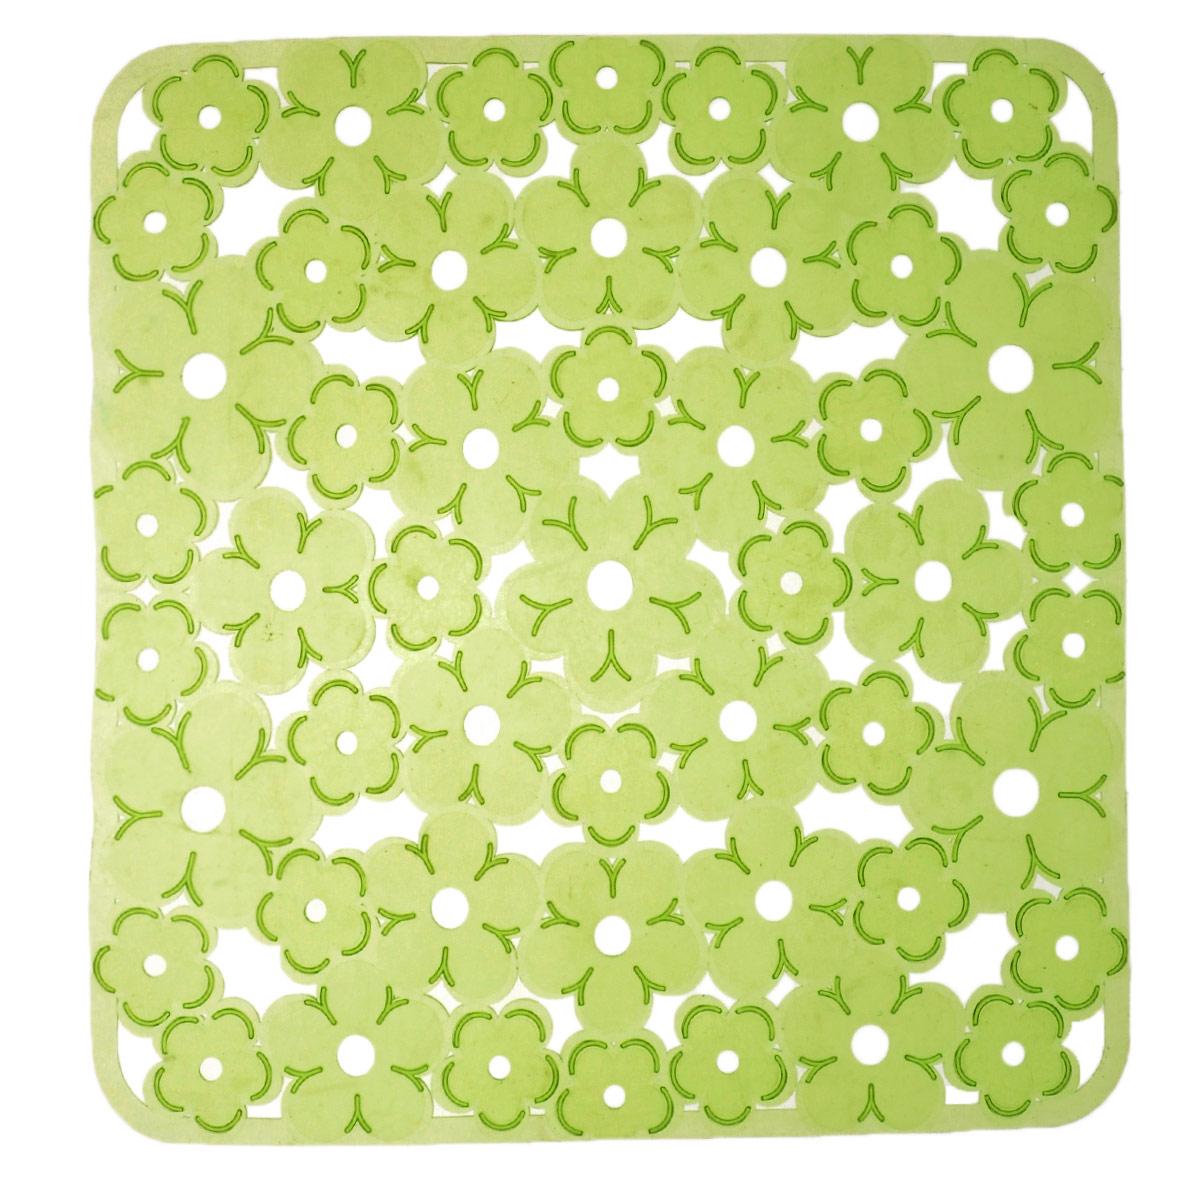 Коврик для раковины Metaltex, цвет: салатовый, 32 х 32 см28.75.38Коврик для раковины Metaltex изготовлен из ПВХ с цветочным рисунком. Коврик имеет квадратную форму, поэтому прекрасно подойдет для любых раковин. Такой коврик защитит вашу посуду во время мытья, а также предотвратит засор труб, задерживая остатки пищи.